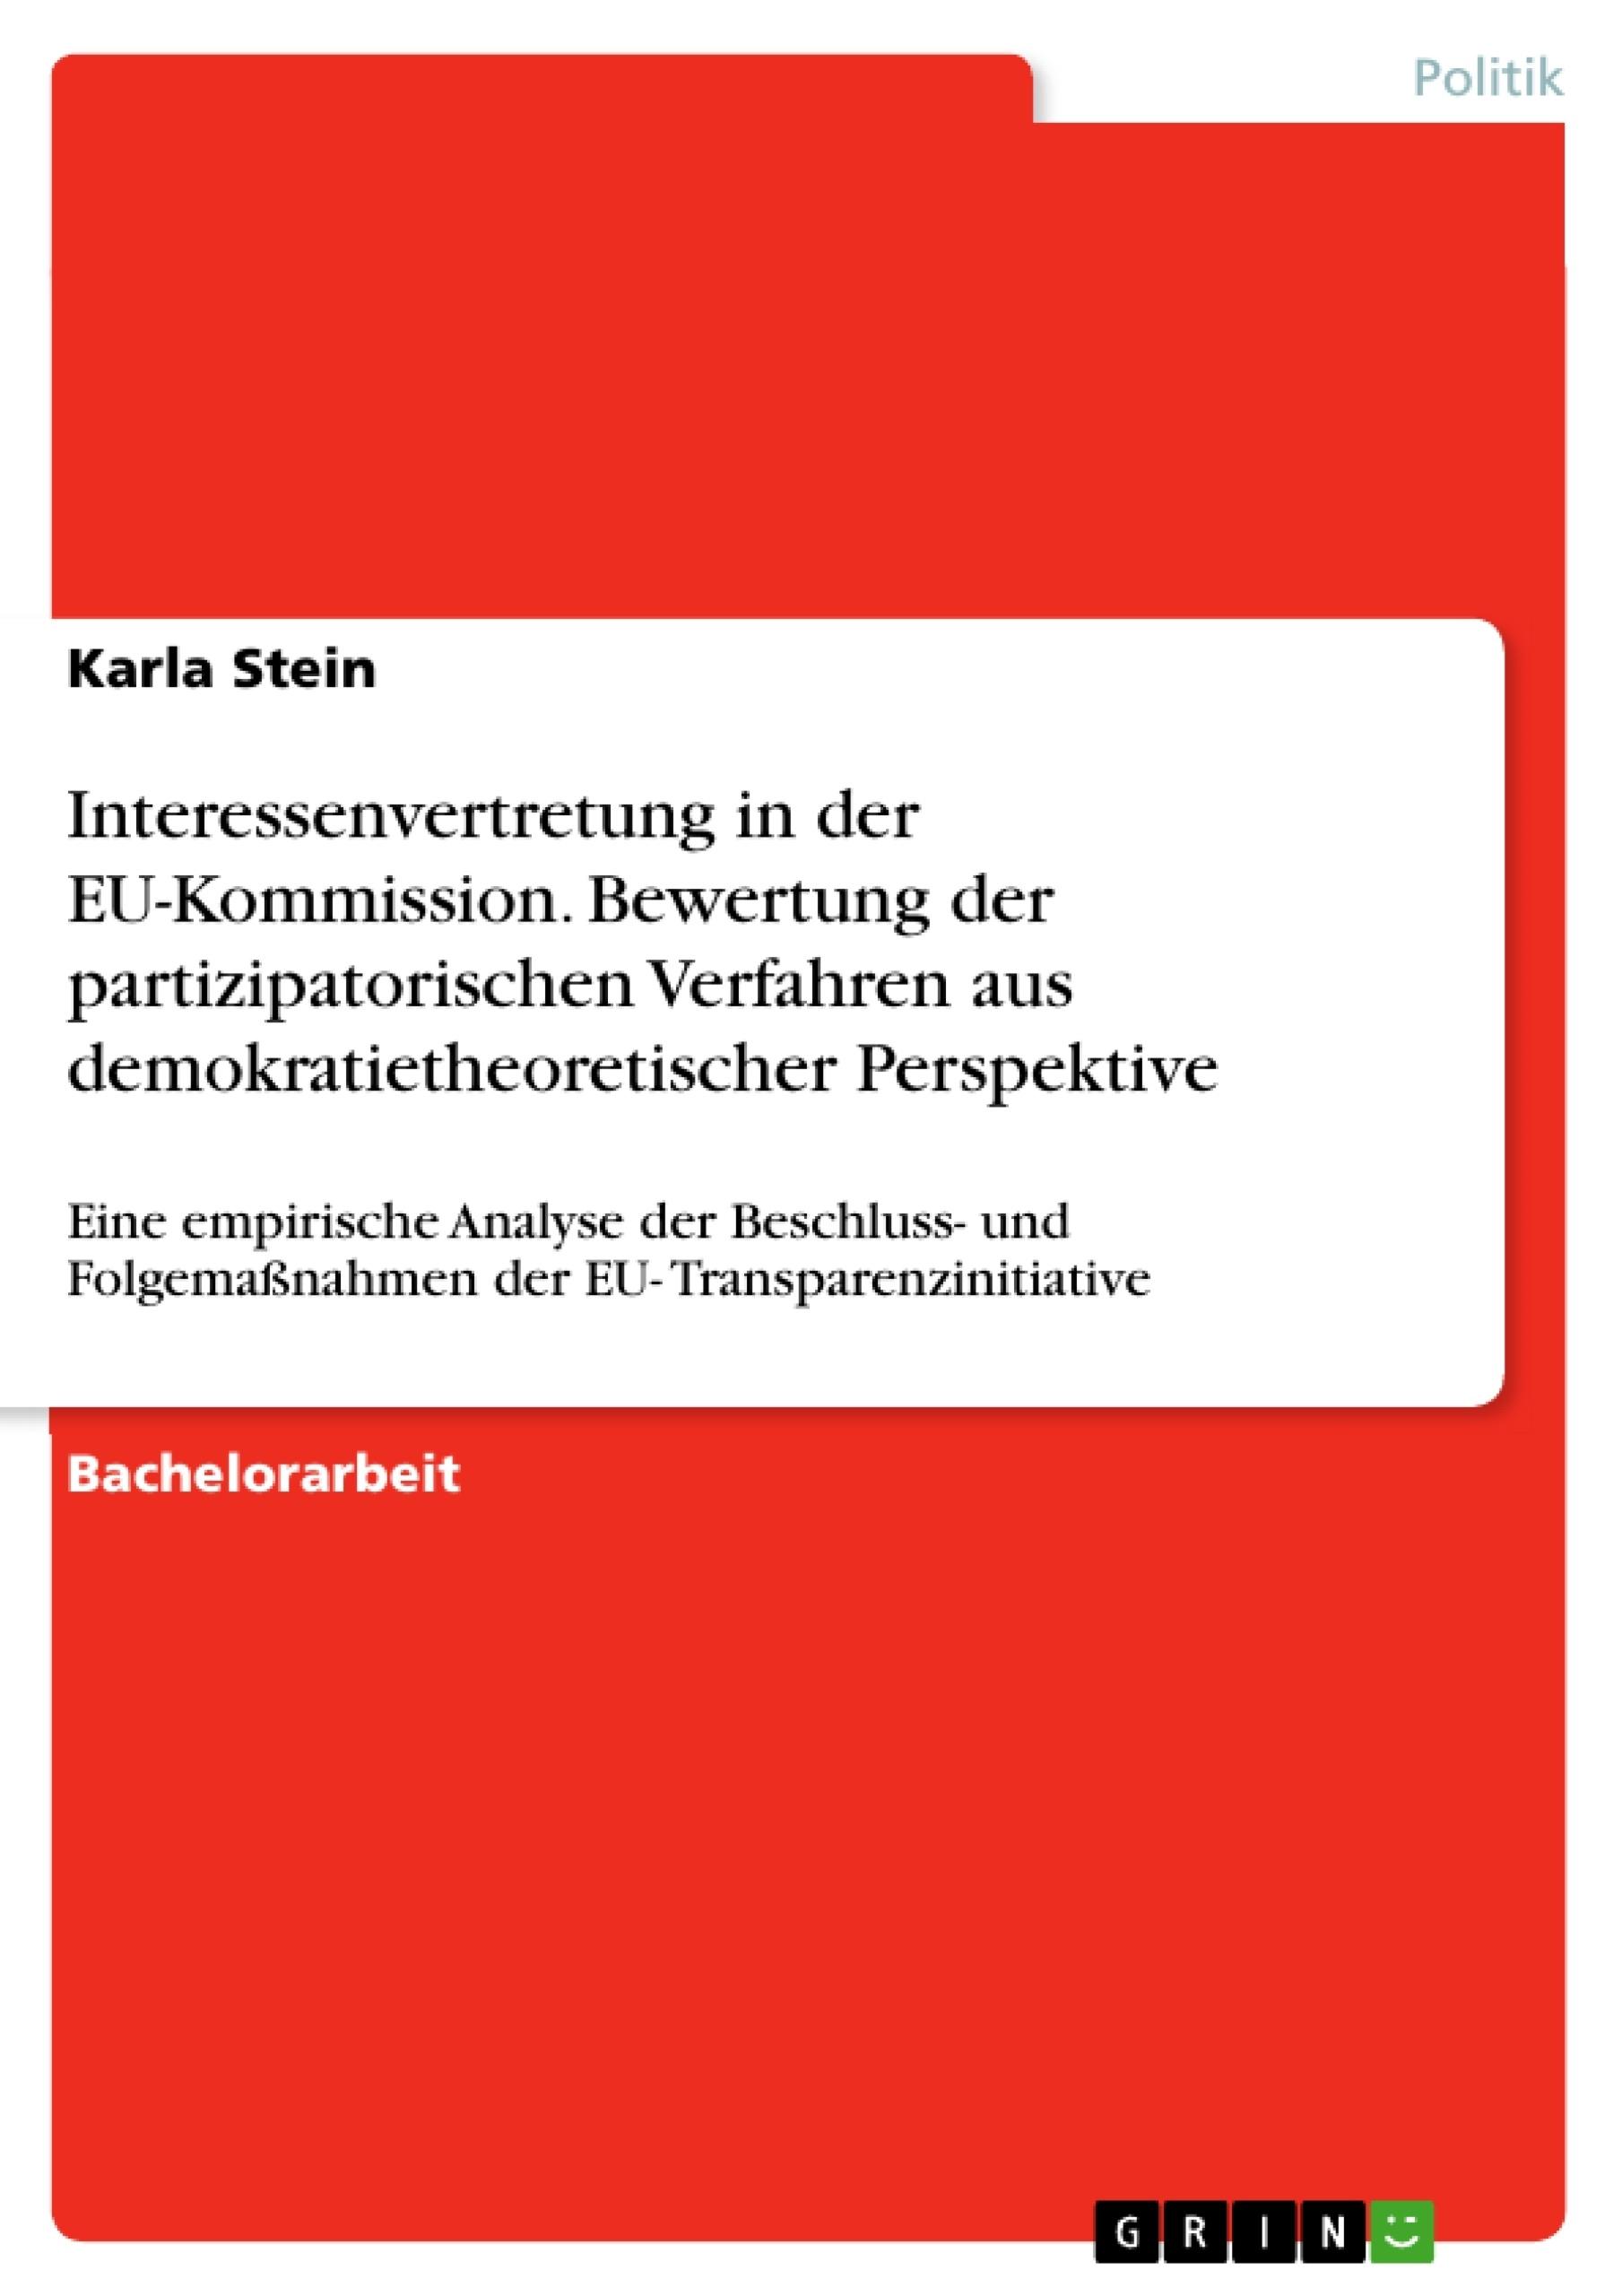 Titel: Interessenvertretung in der EU-Kommission. Bewertung der partizipatorischen Verfahren aus demokratietheoretischer Perspektive